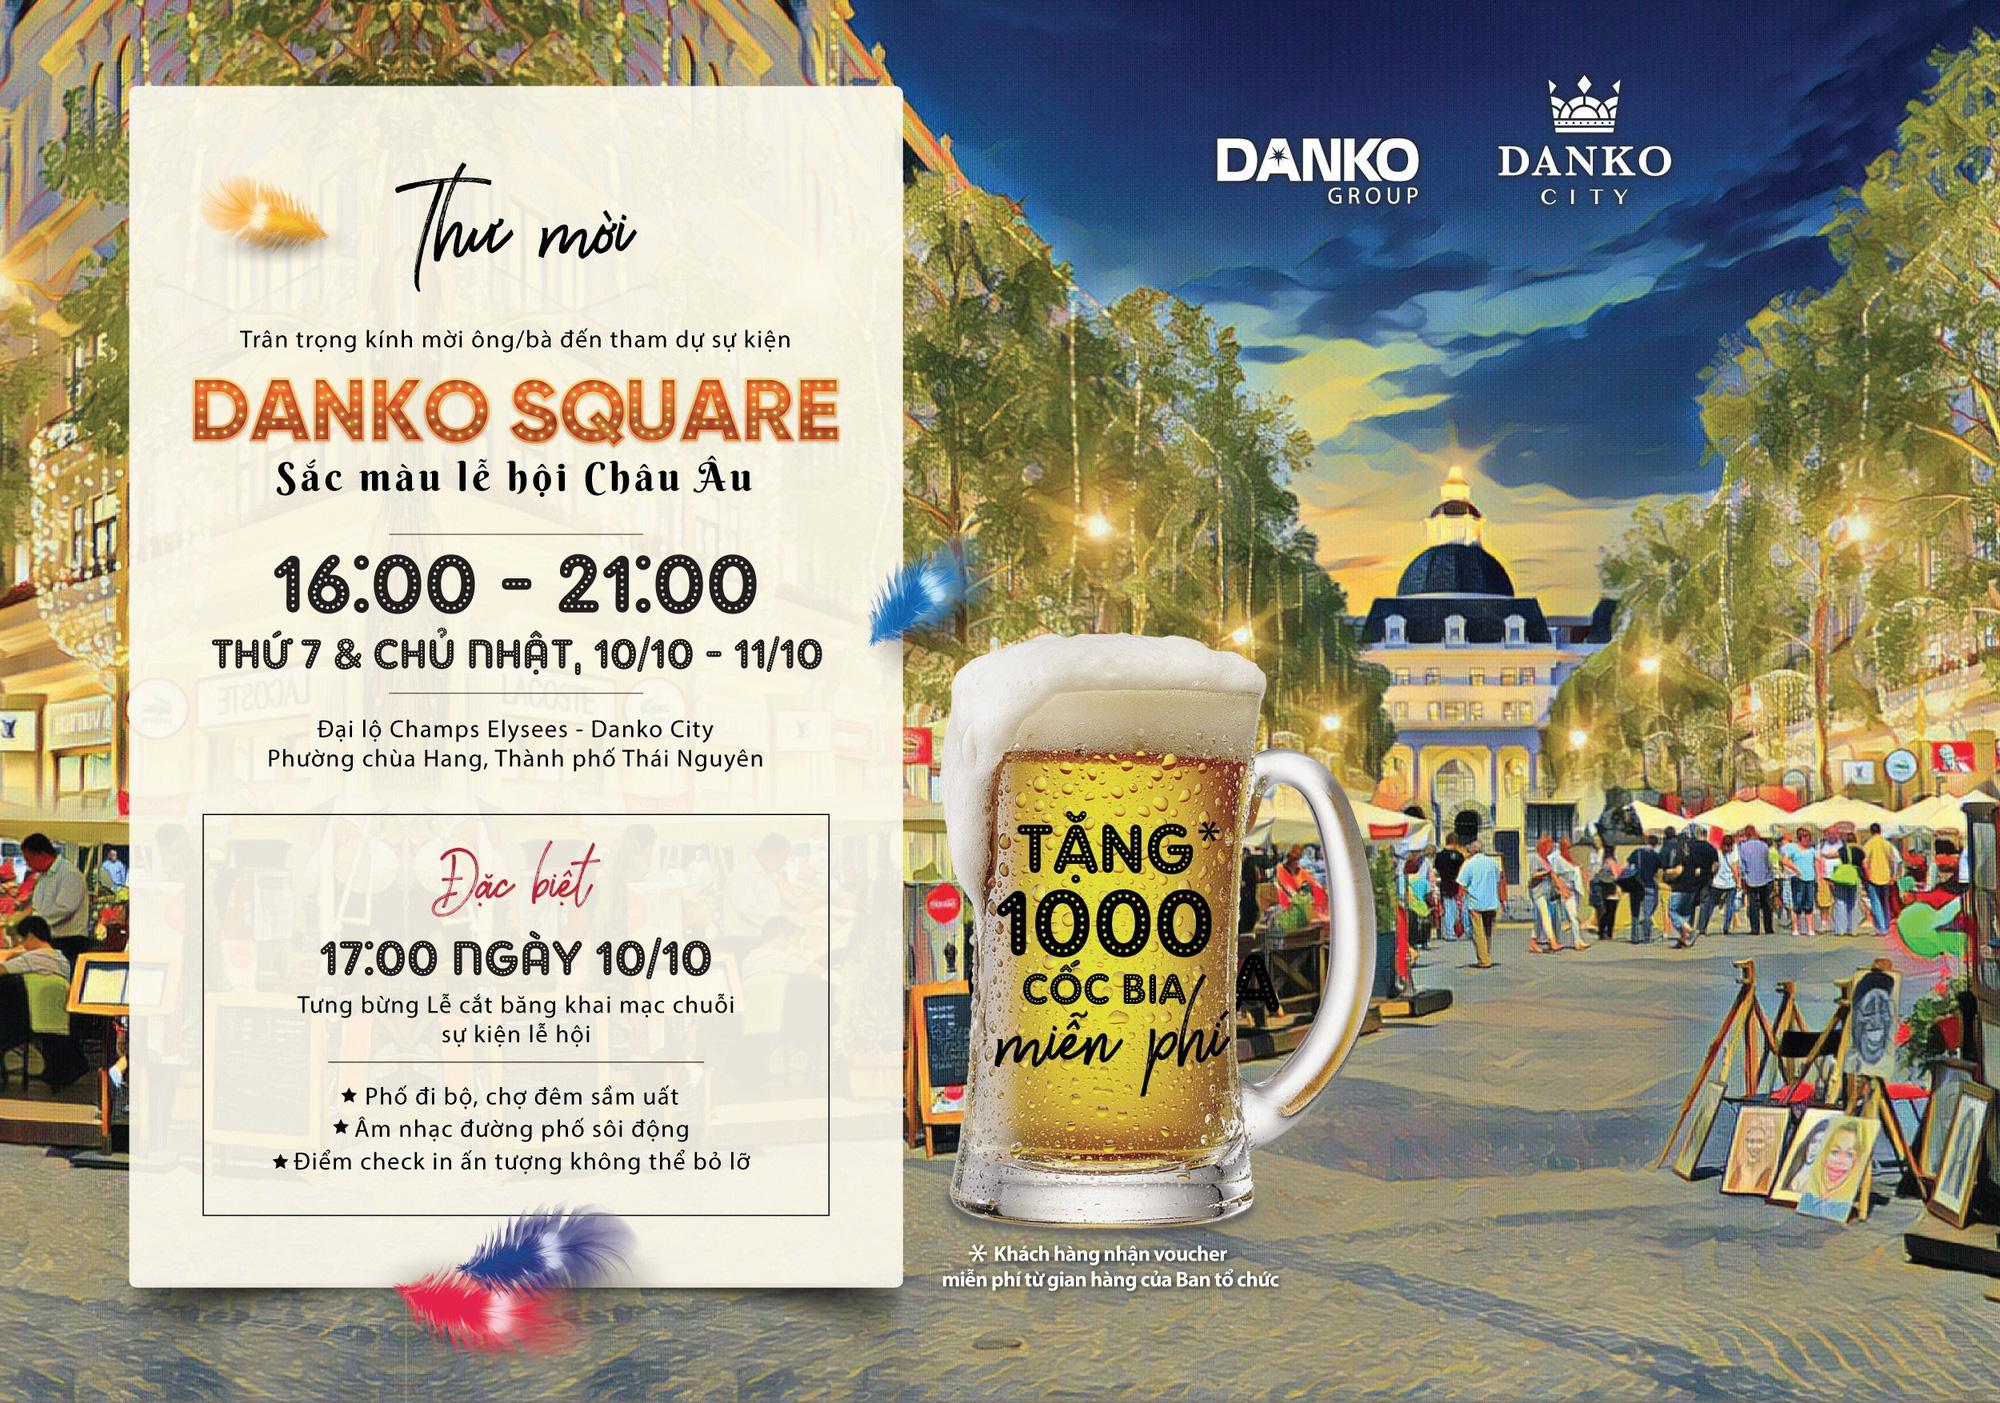 Danko Square - Không gian hội chợ châu Âu lần đầu tại Thái Nguyên  - Ảnh 2.